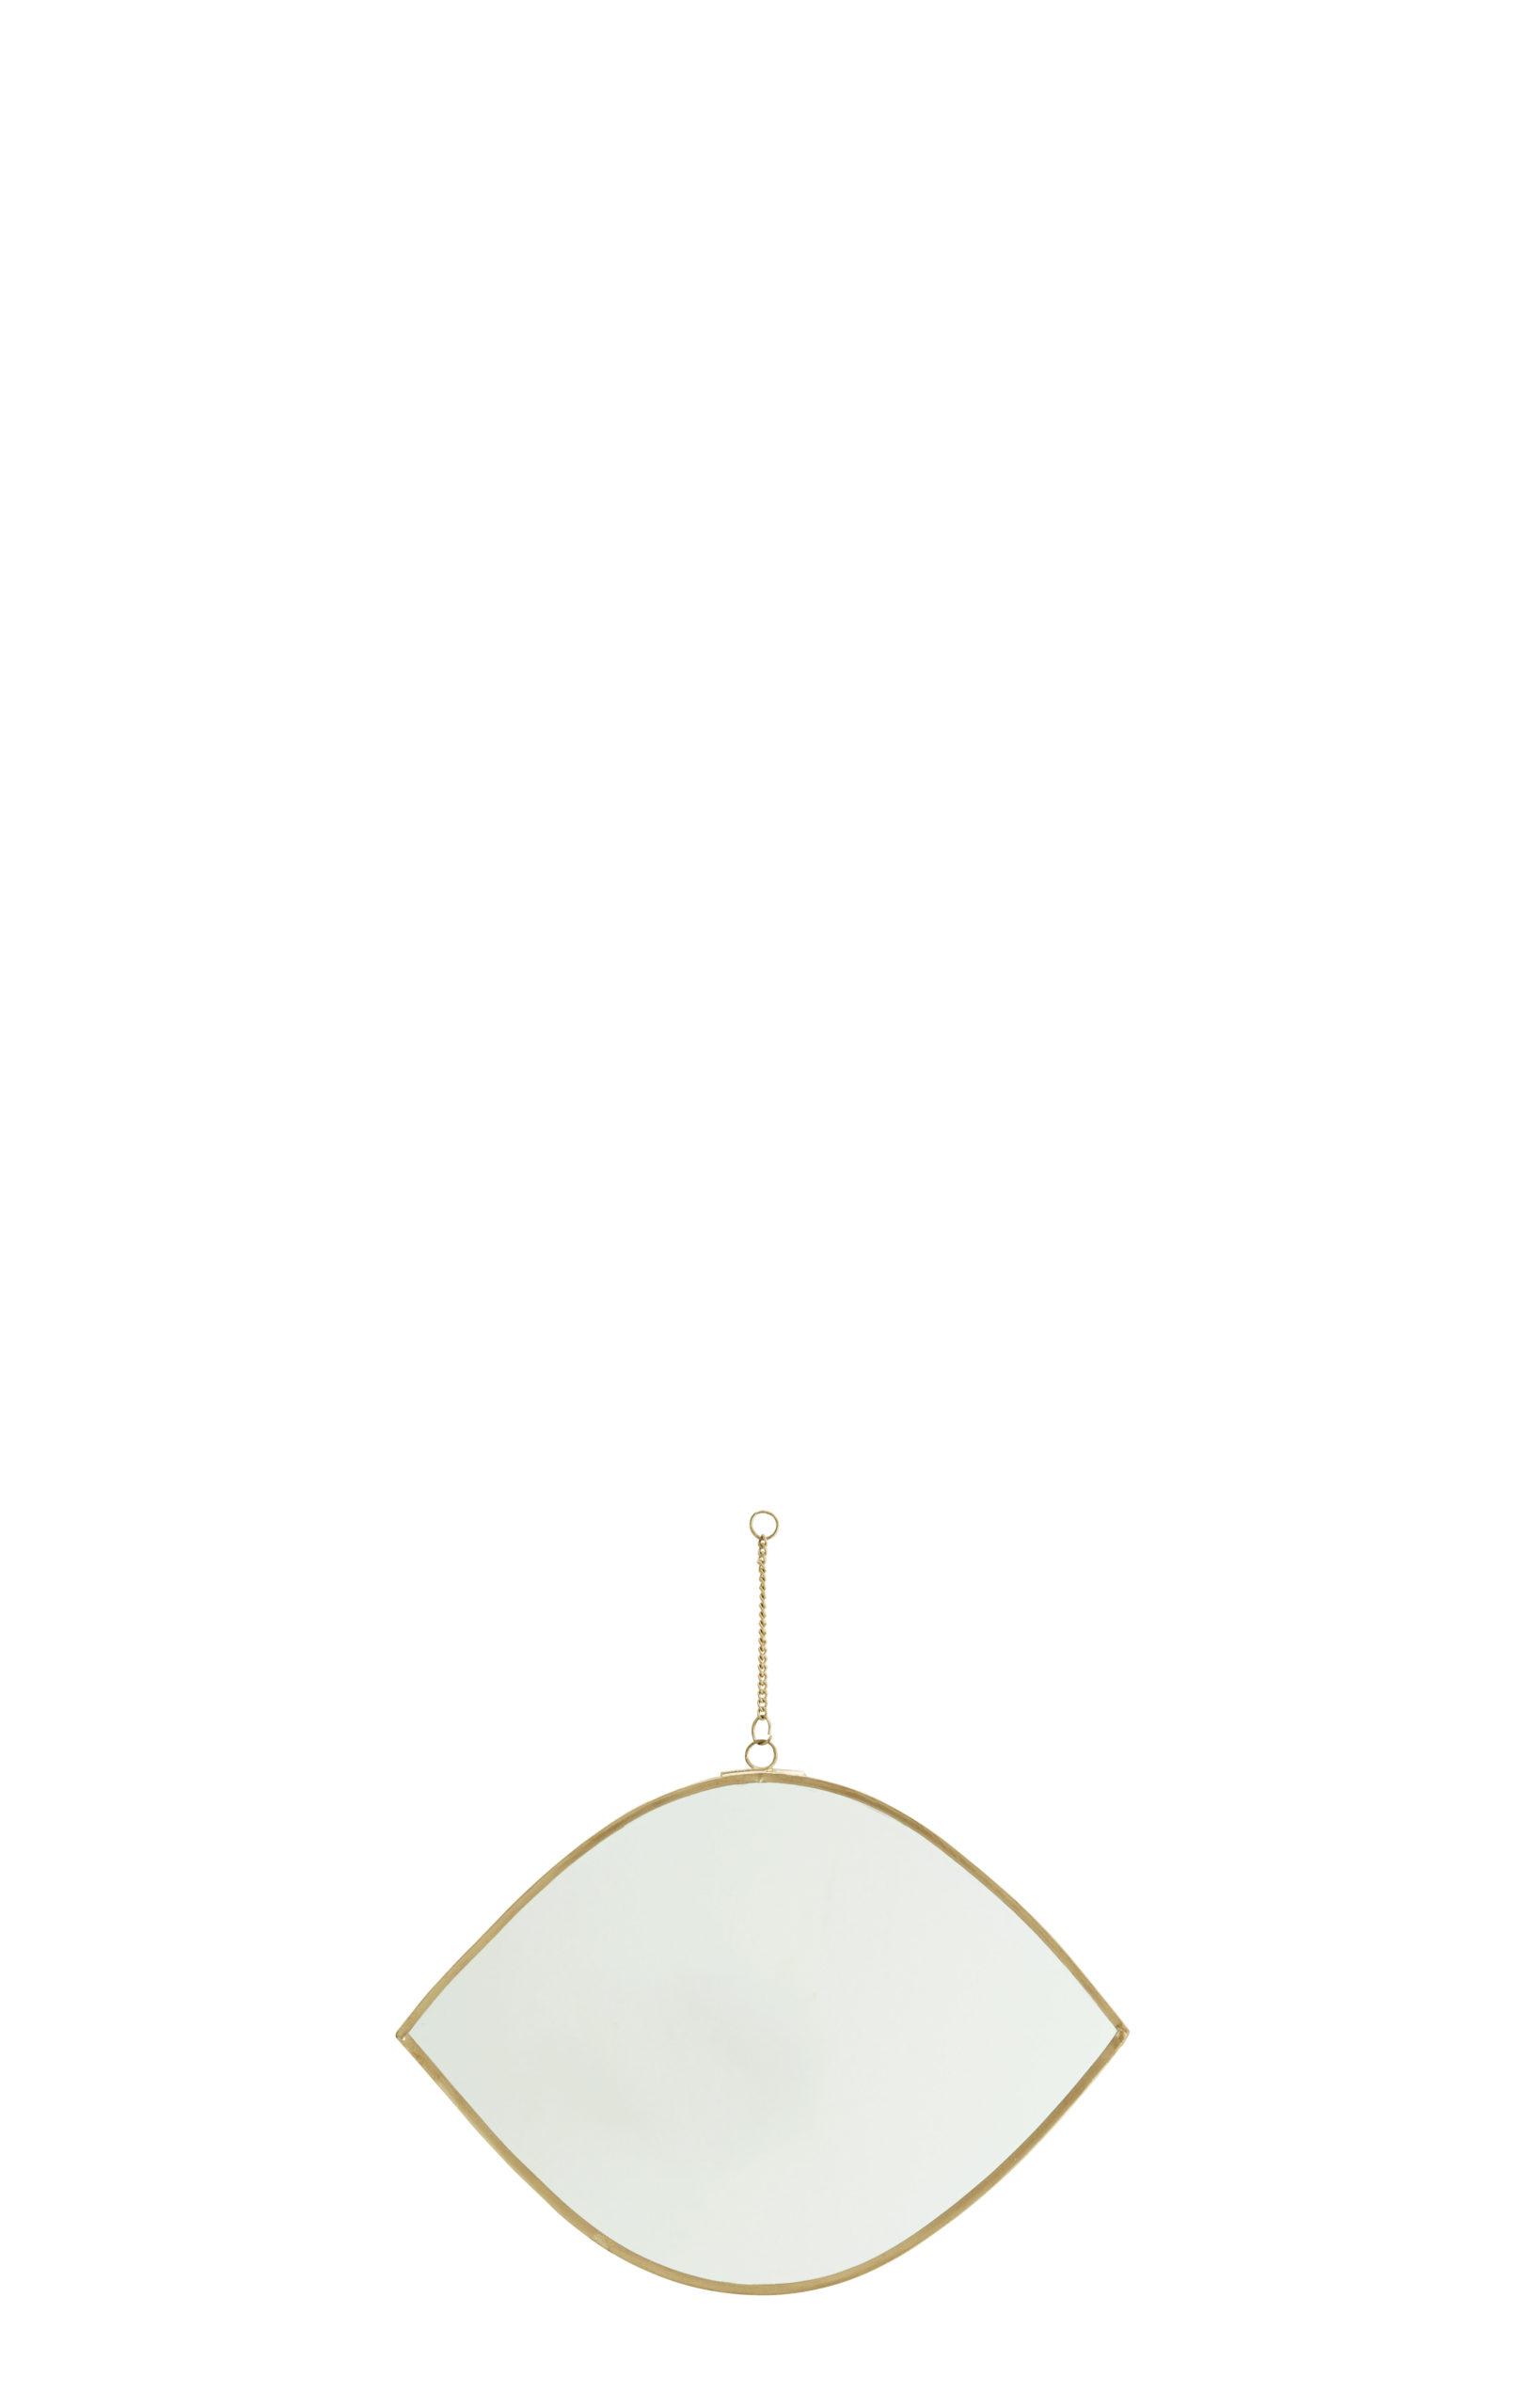 Miroir elliptique doré petit / grand * Madam Stoltz